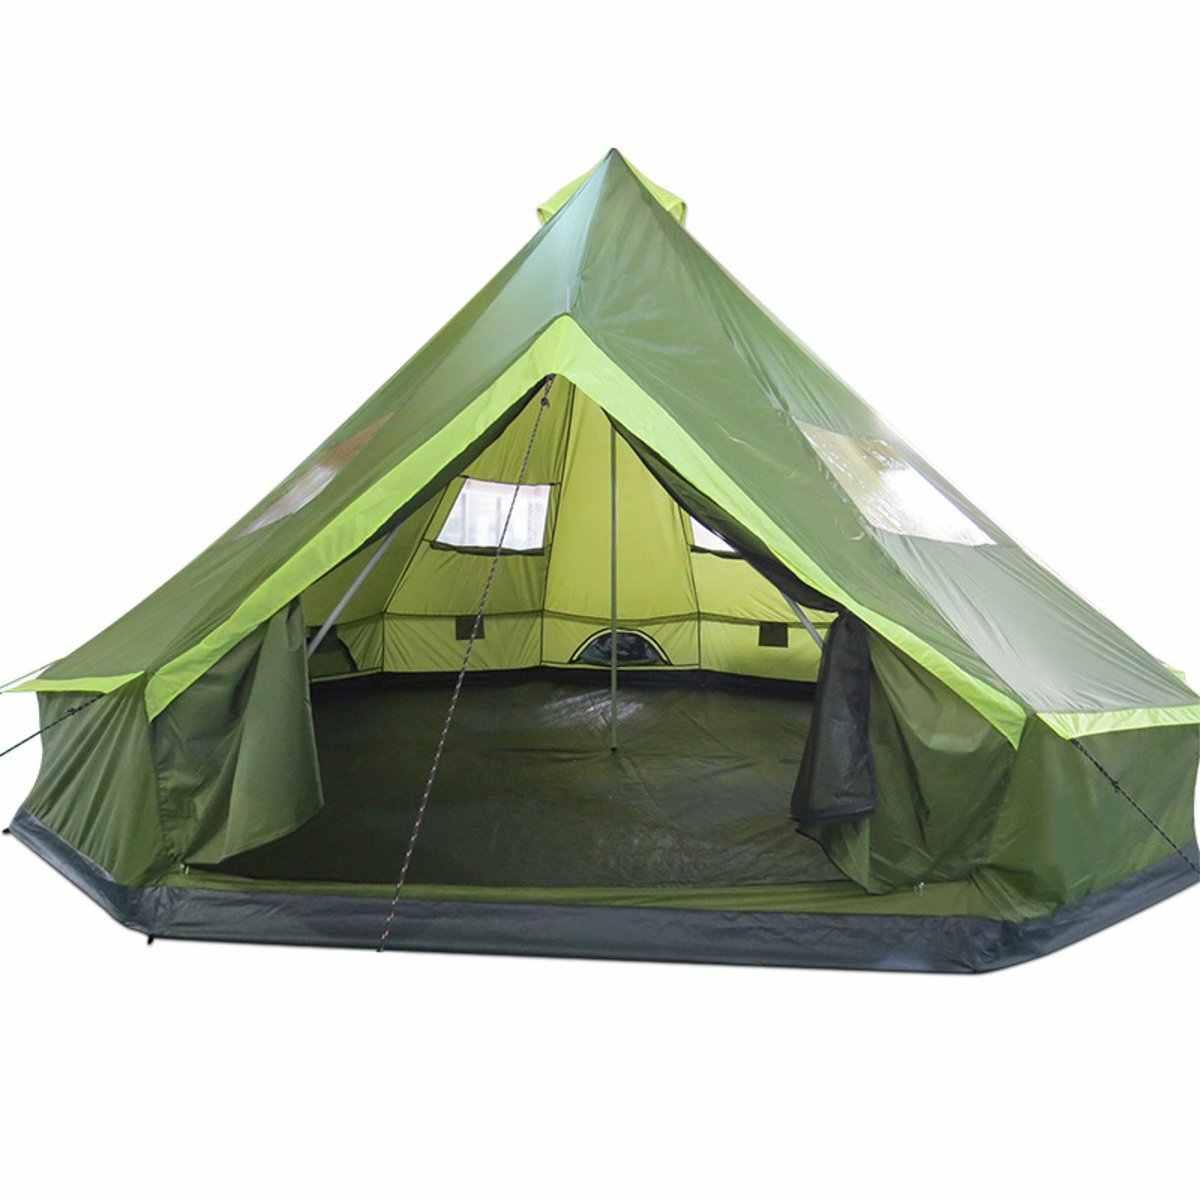 8 أشخاص خيمة تخييم عائلية يورت في الهواء الطلق مقاوم للماء المشي لمسافات طويلة المأوى غرفة واحدة الشاطئ يندبروف السفر الصيد الخيام 500x500x300cm